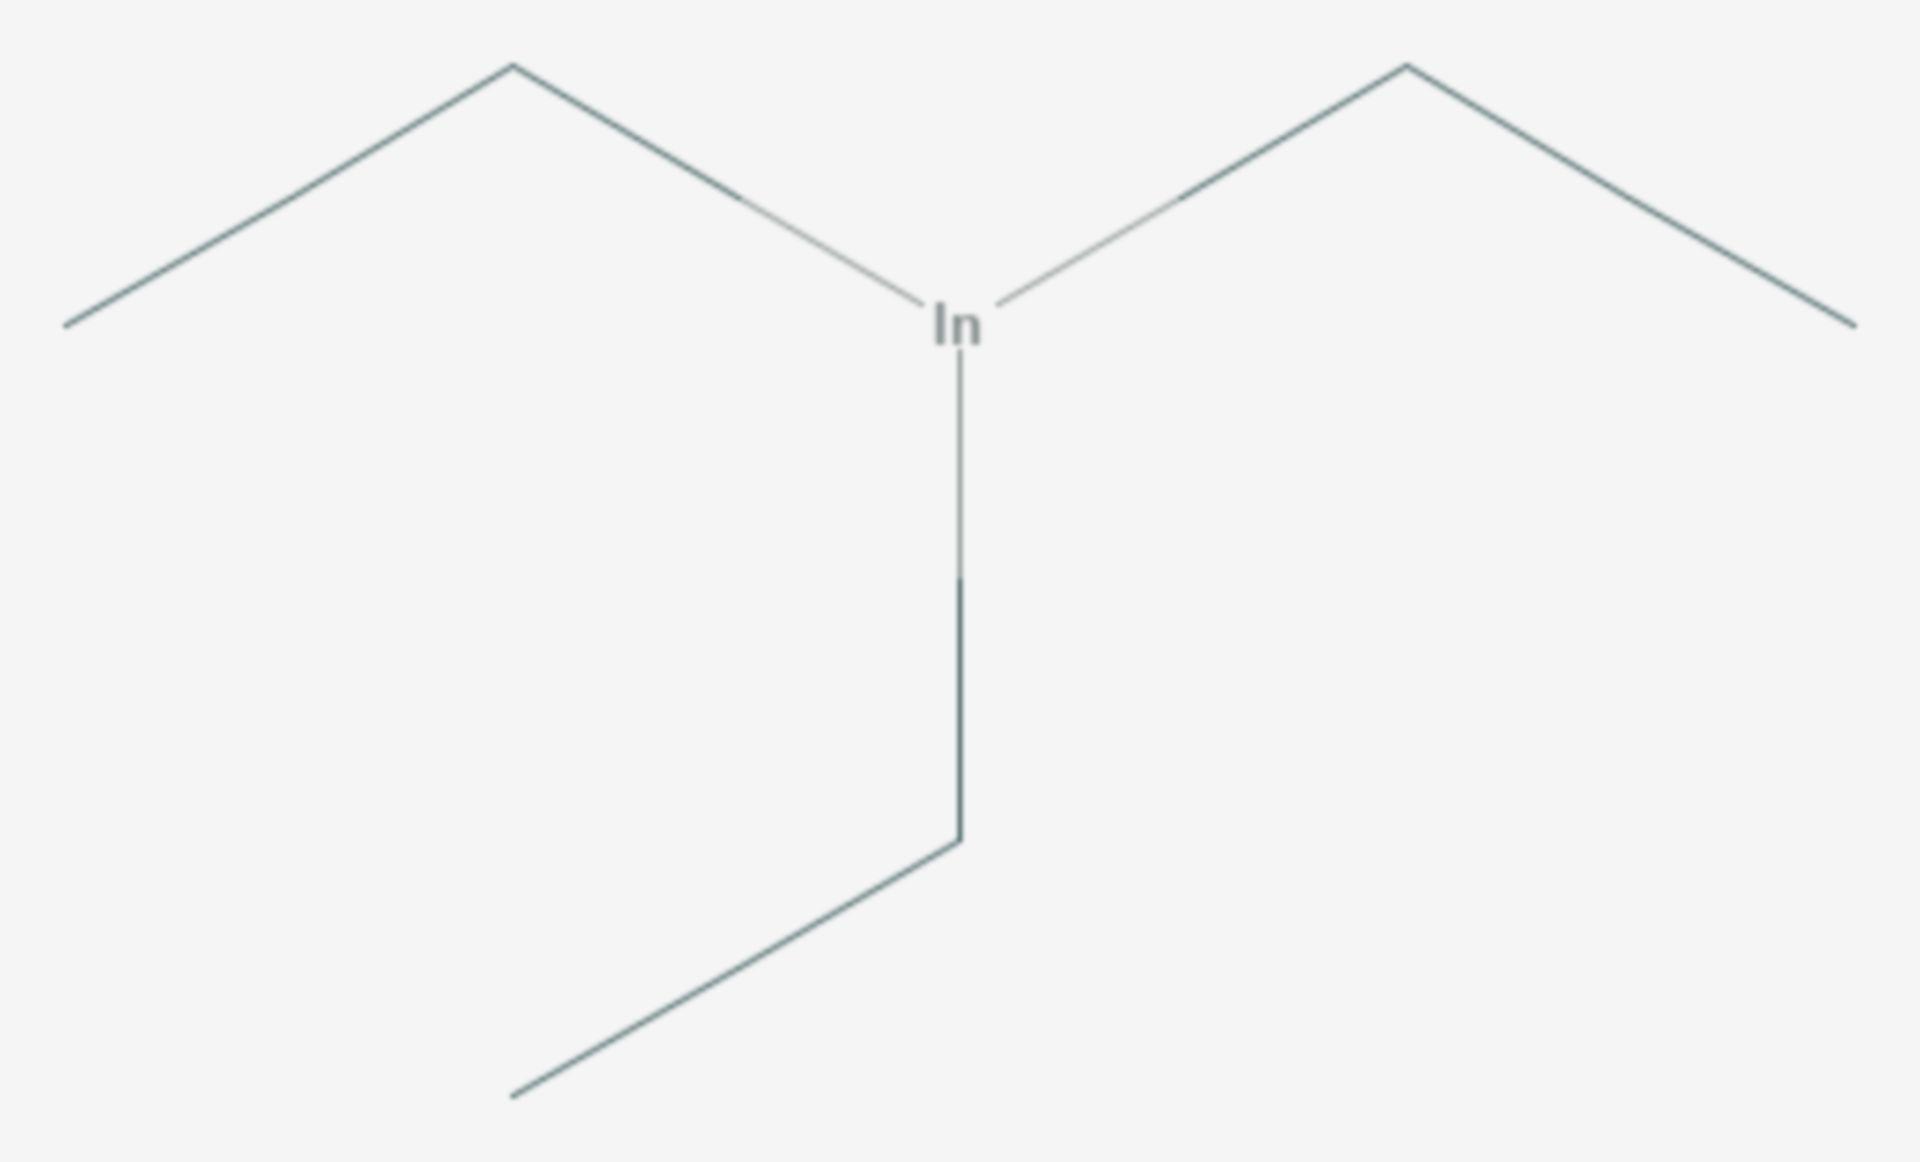 Indiumtriethyl (Strukturformel)